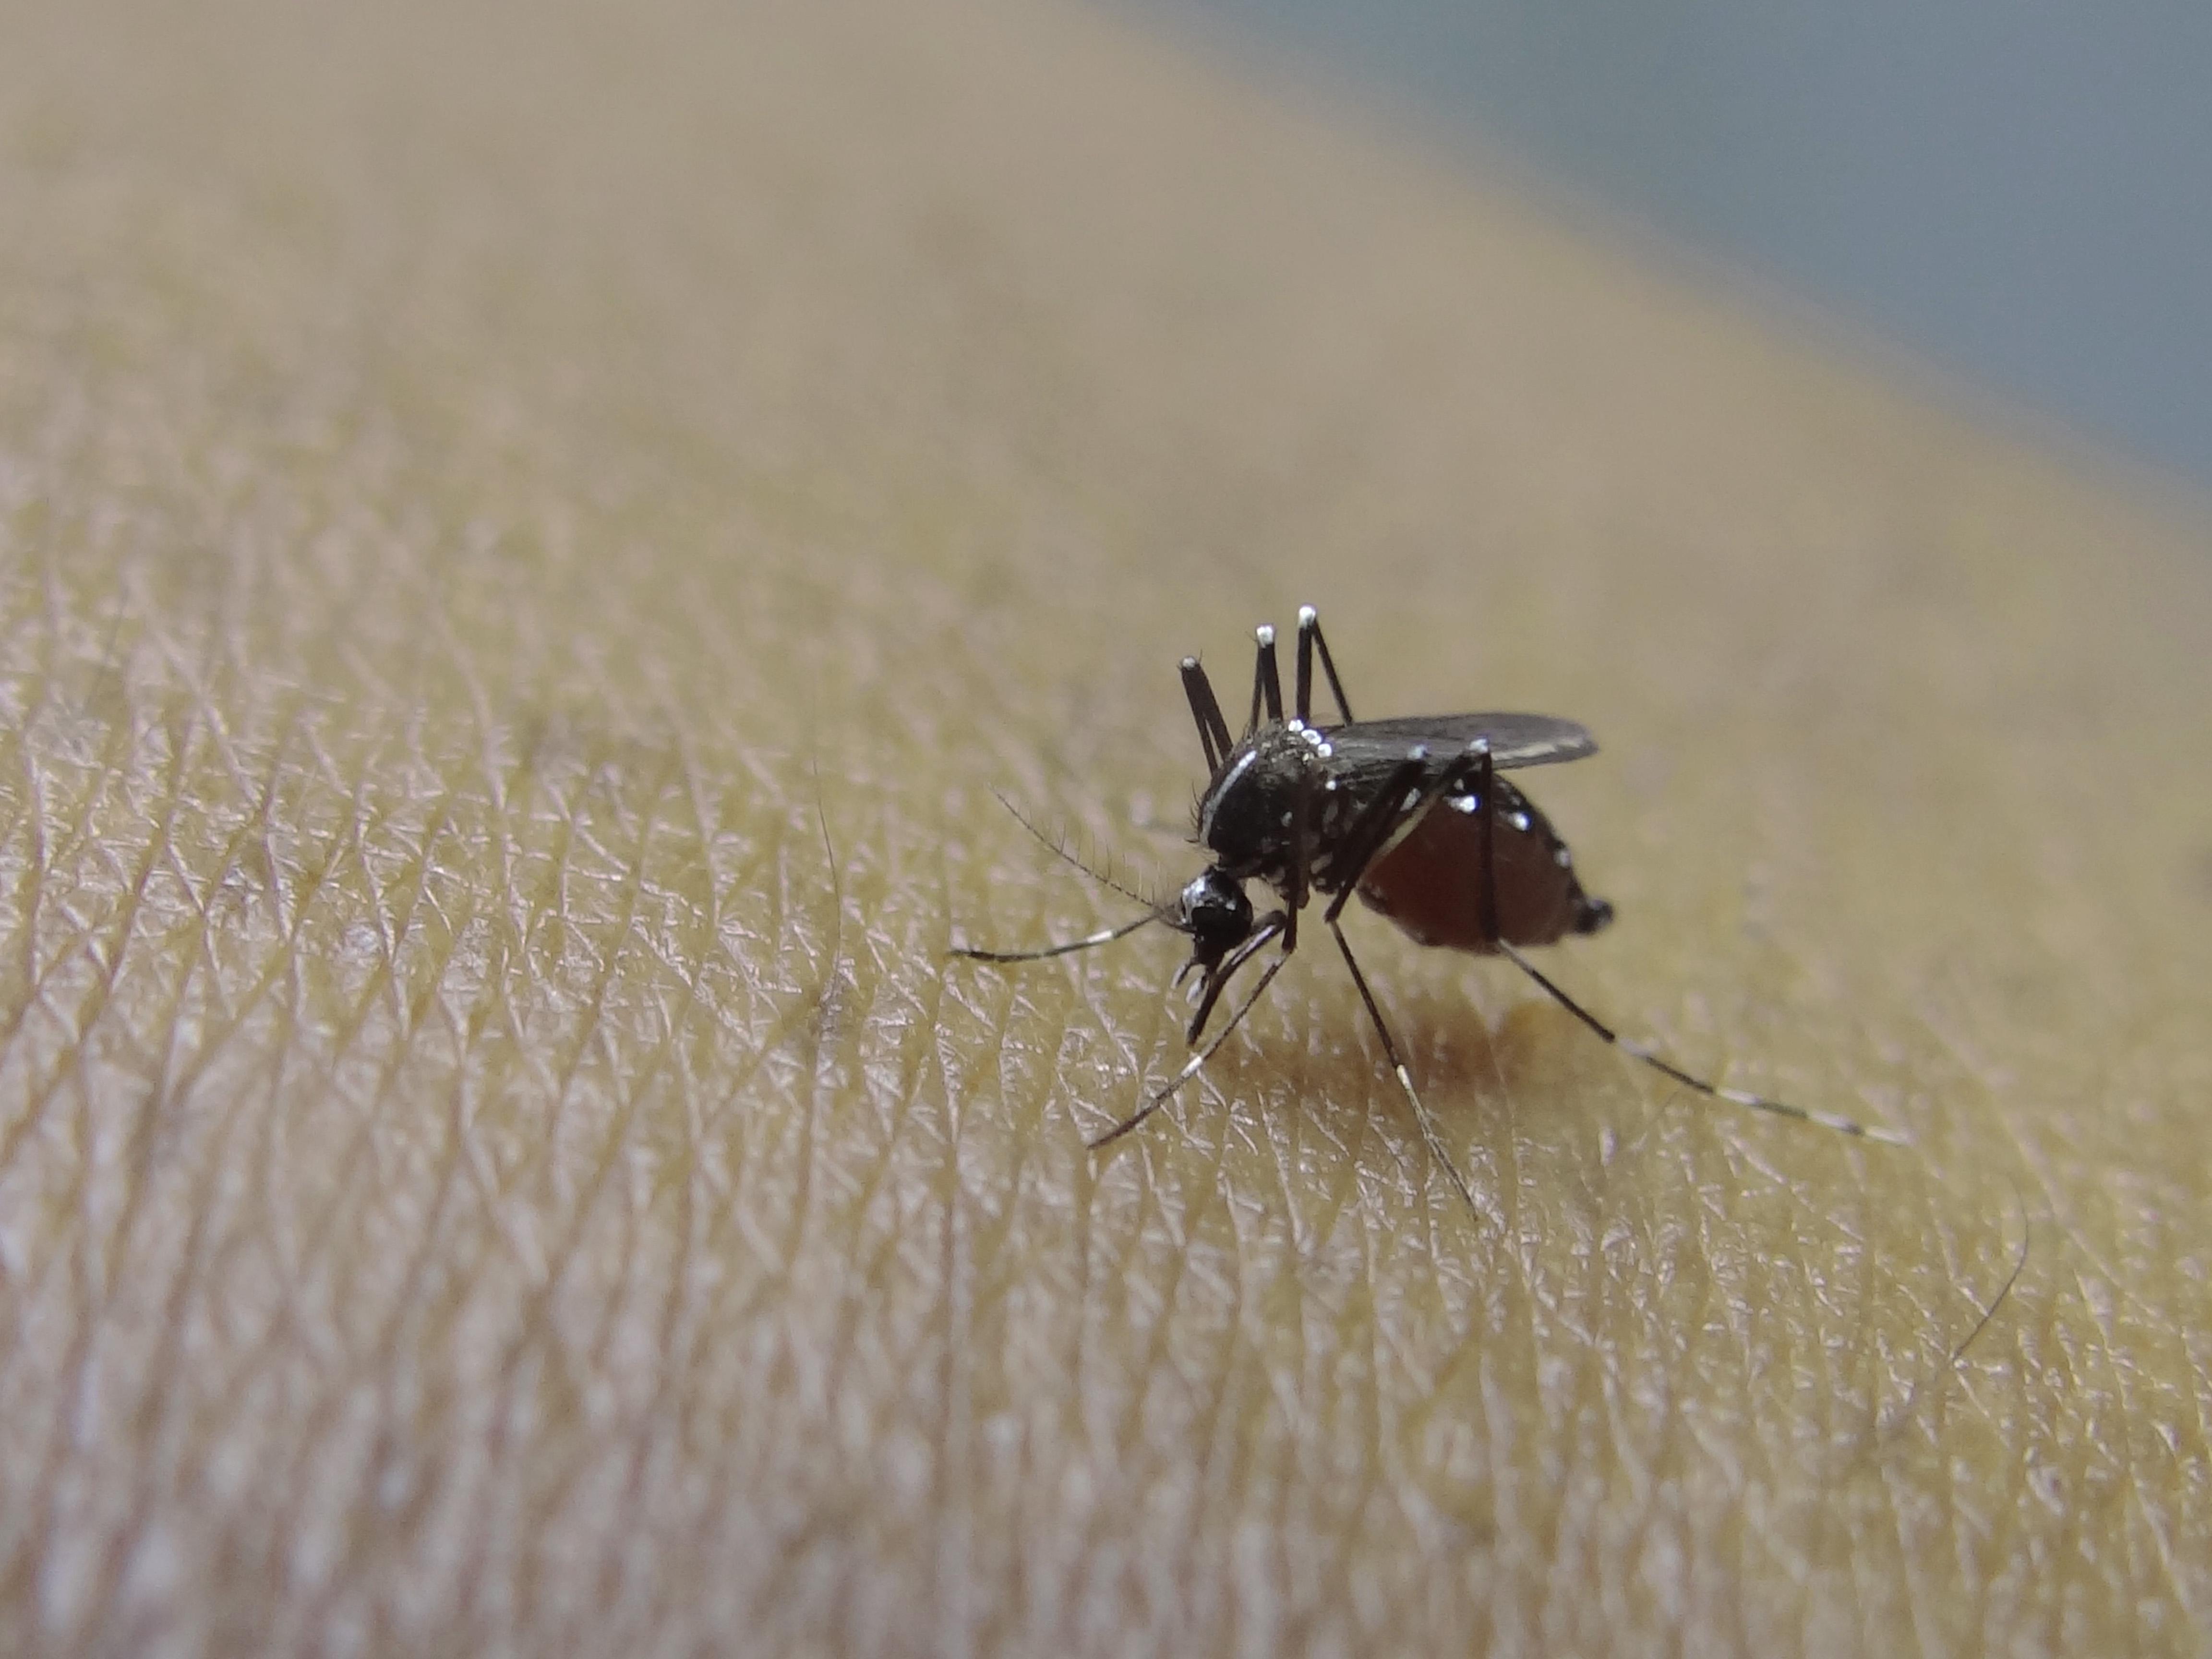 09c-Mosquito.jpg